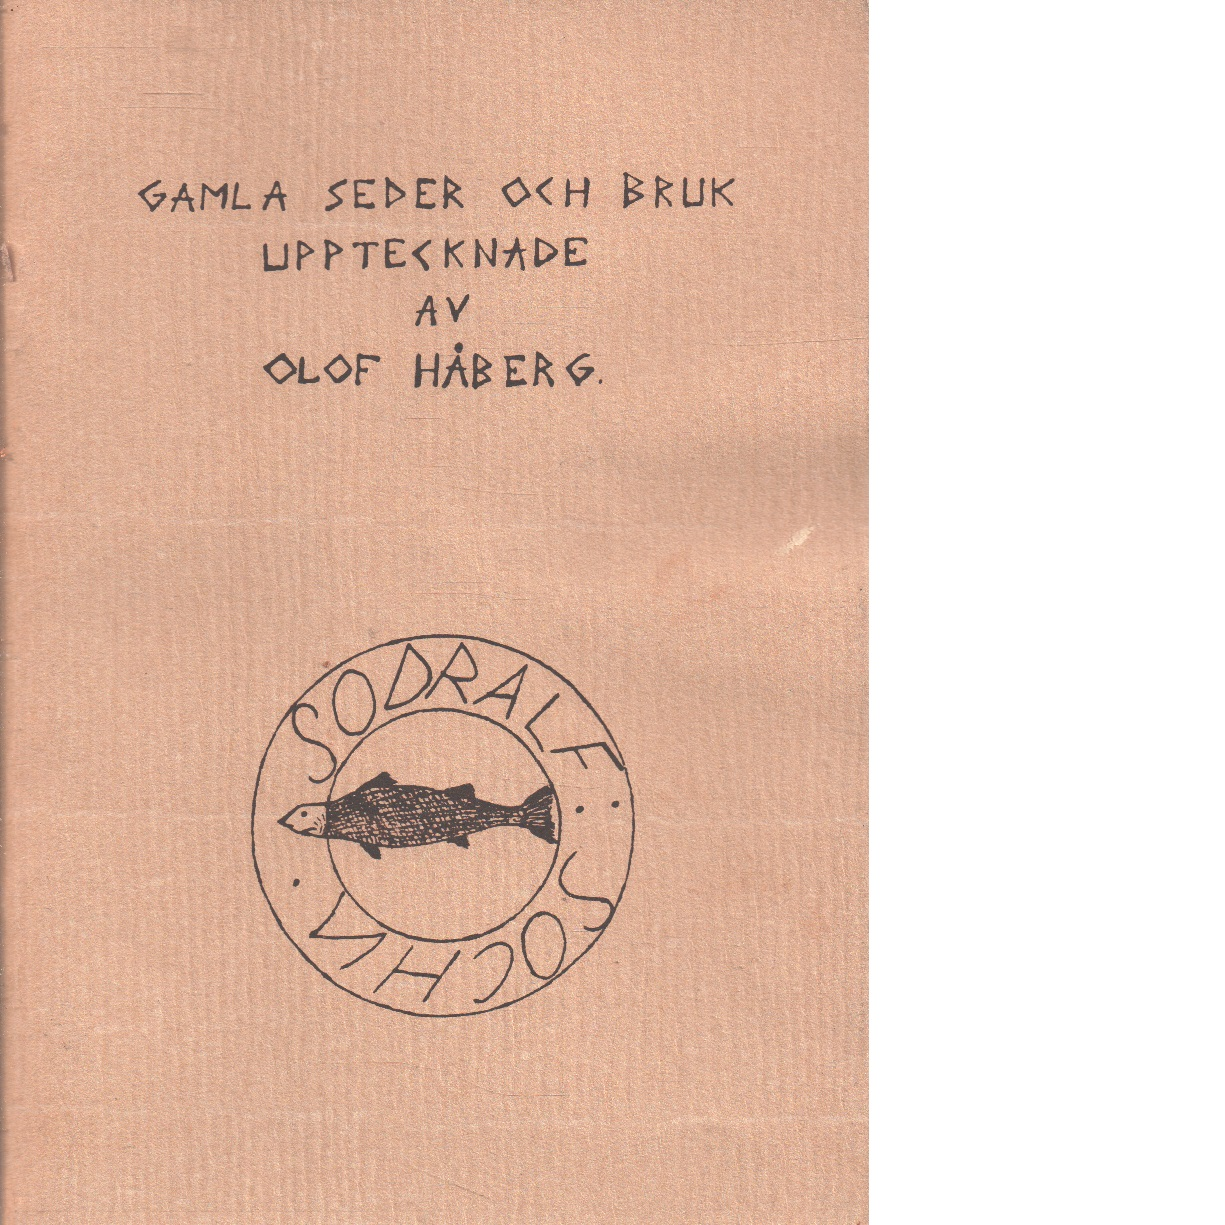 Gamla seder och bruk upptecknade av Olof Håberg [från Söderala] - Håberg, Olof